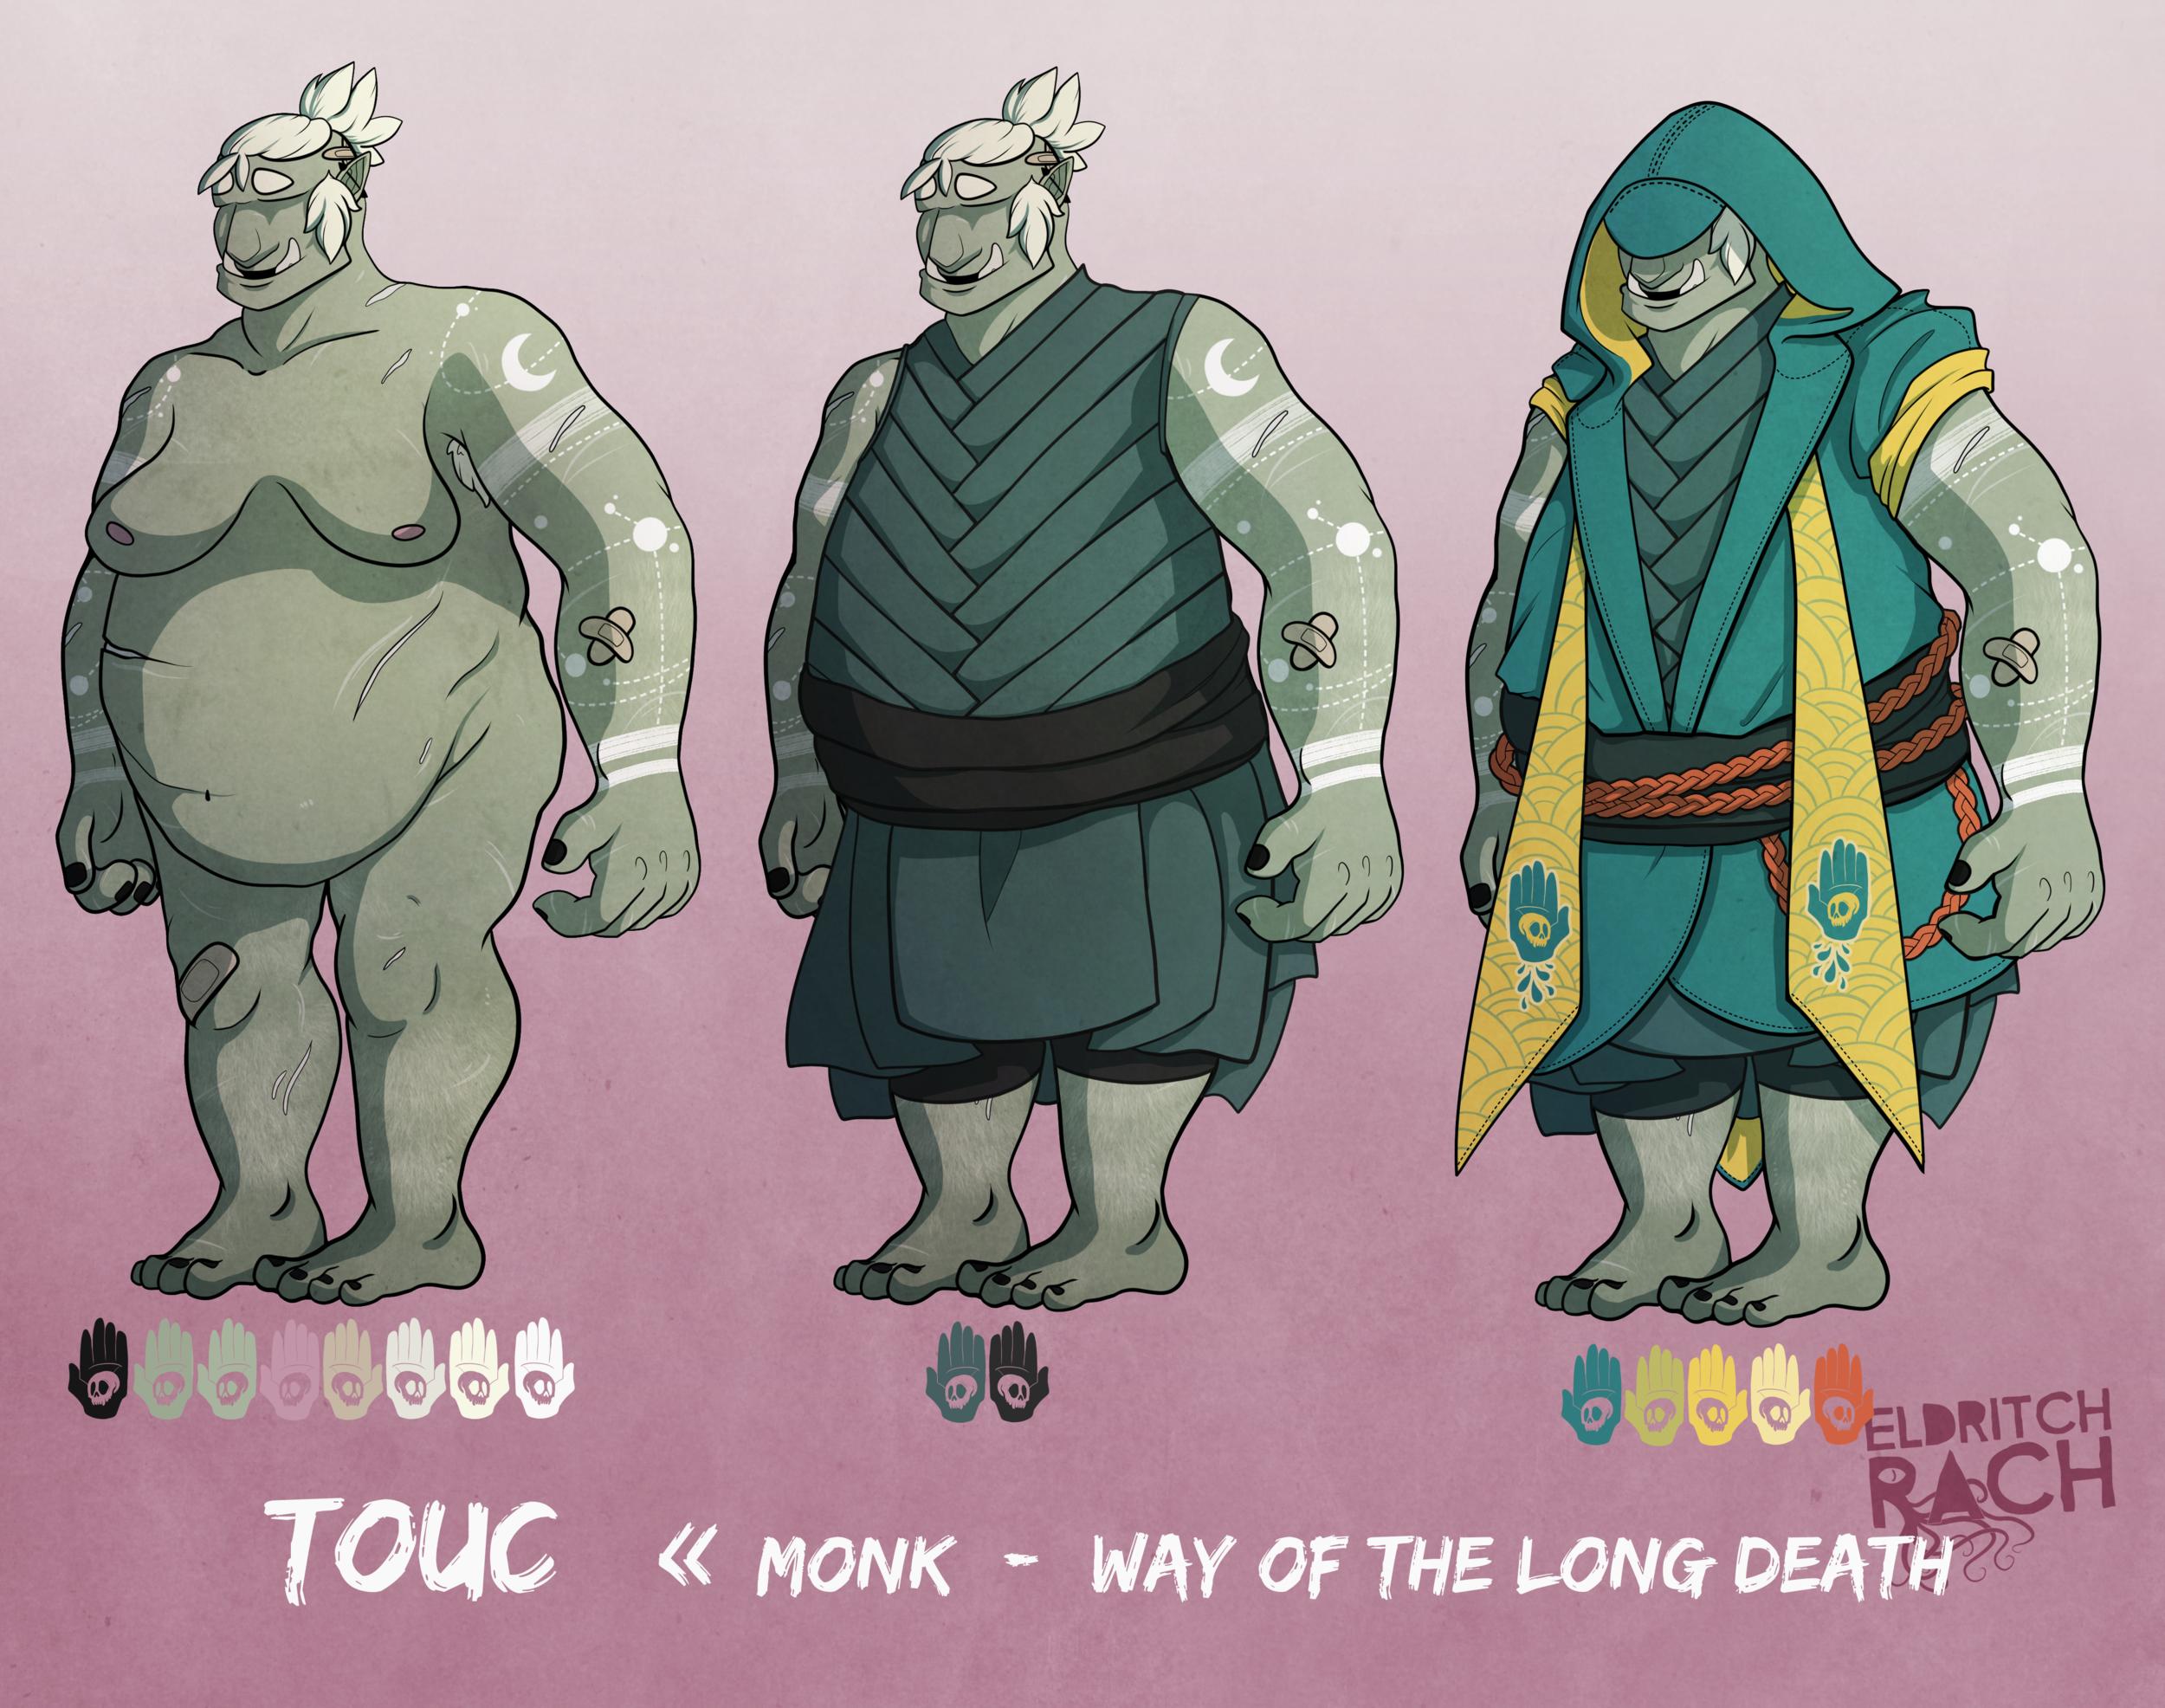 Touc :: D&D Character Design (2017)